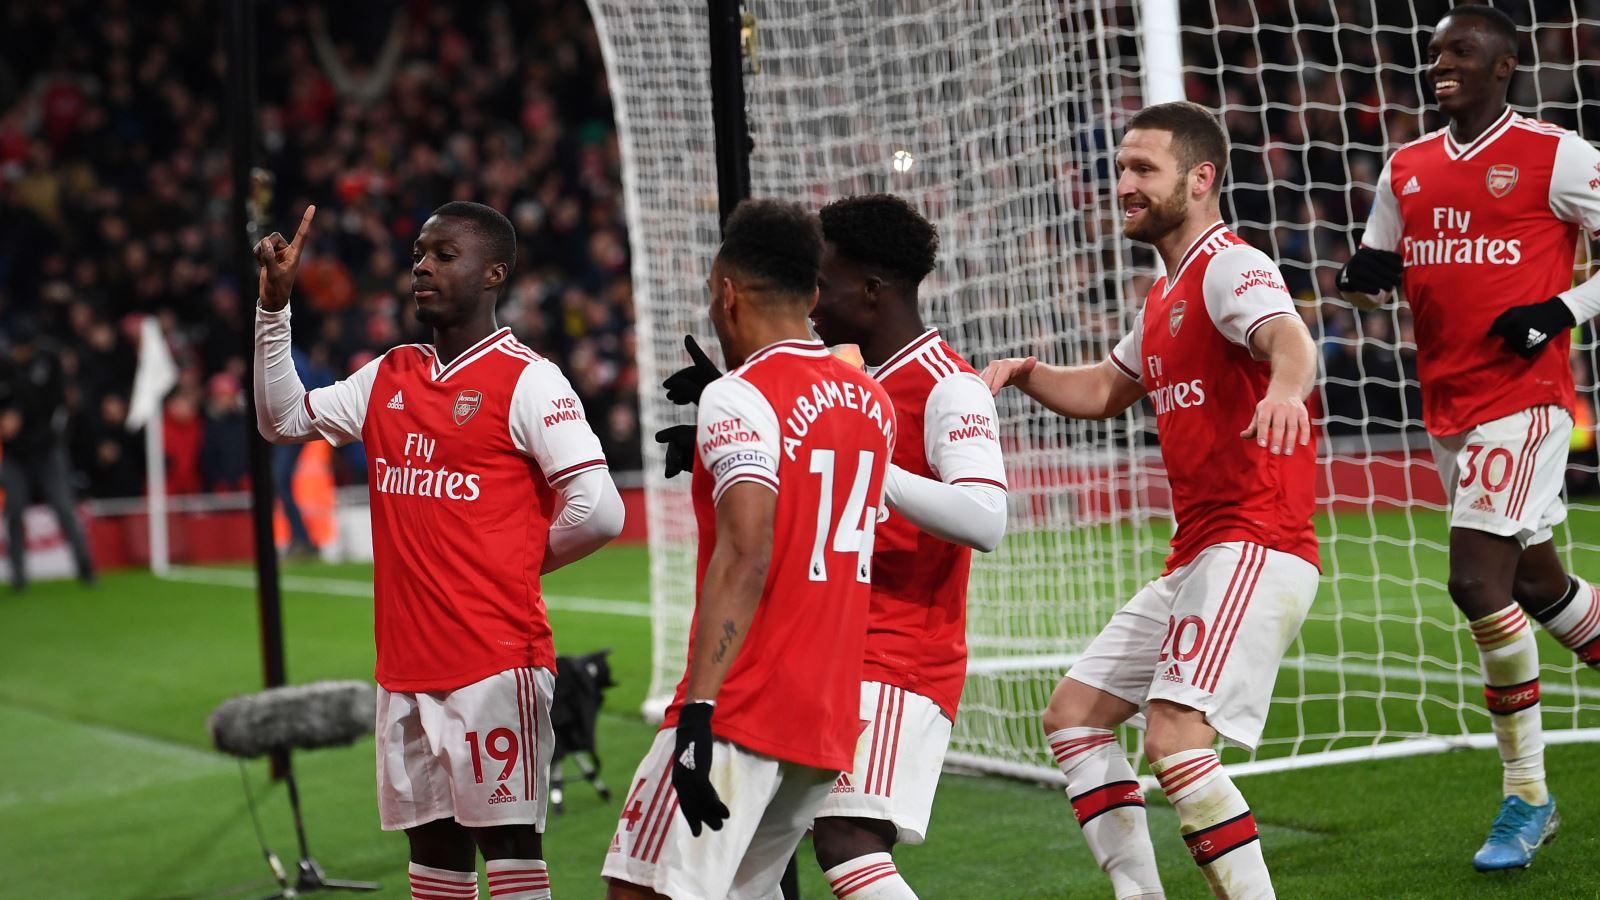 BÓNG ĐÁ HÔM NAY 17/2: Guardiola ở lại Man City. Arsenal thắng. Real mất điểm